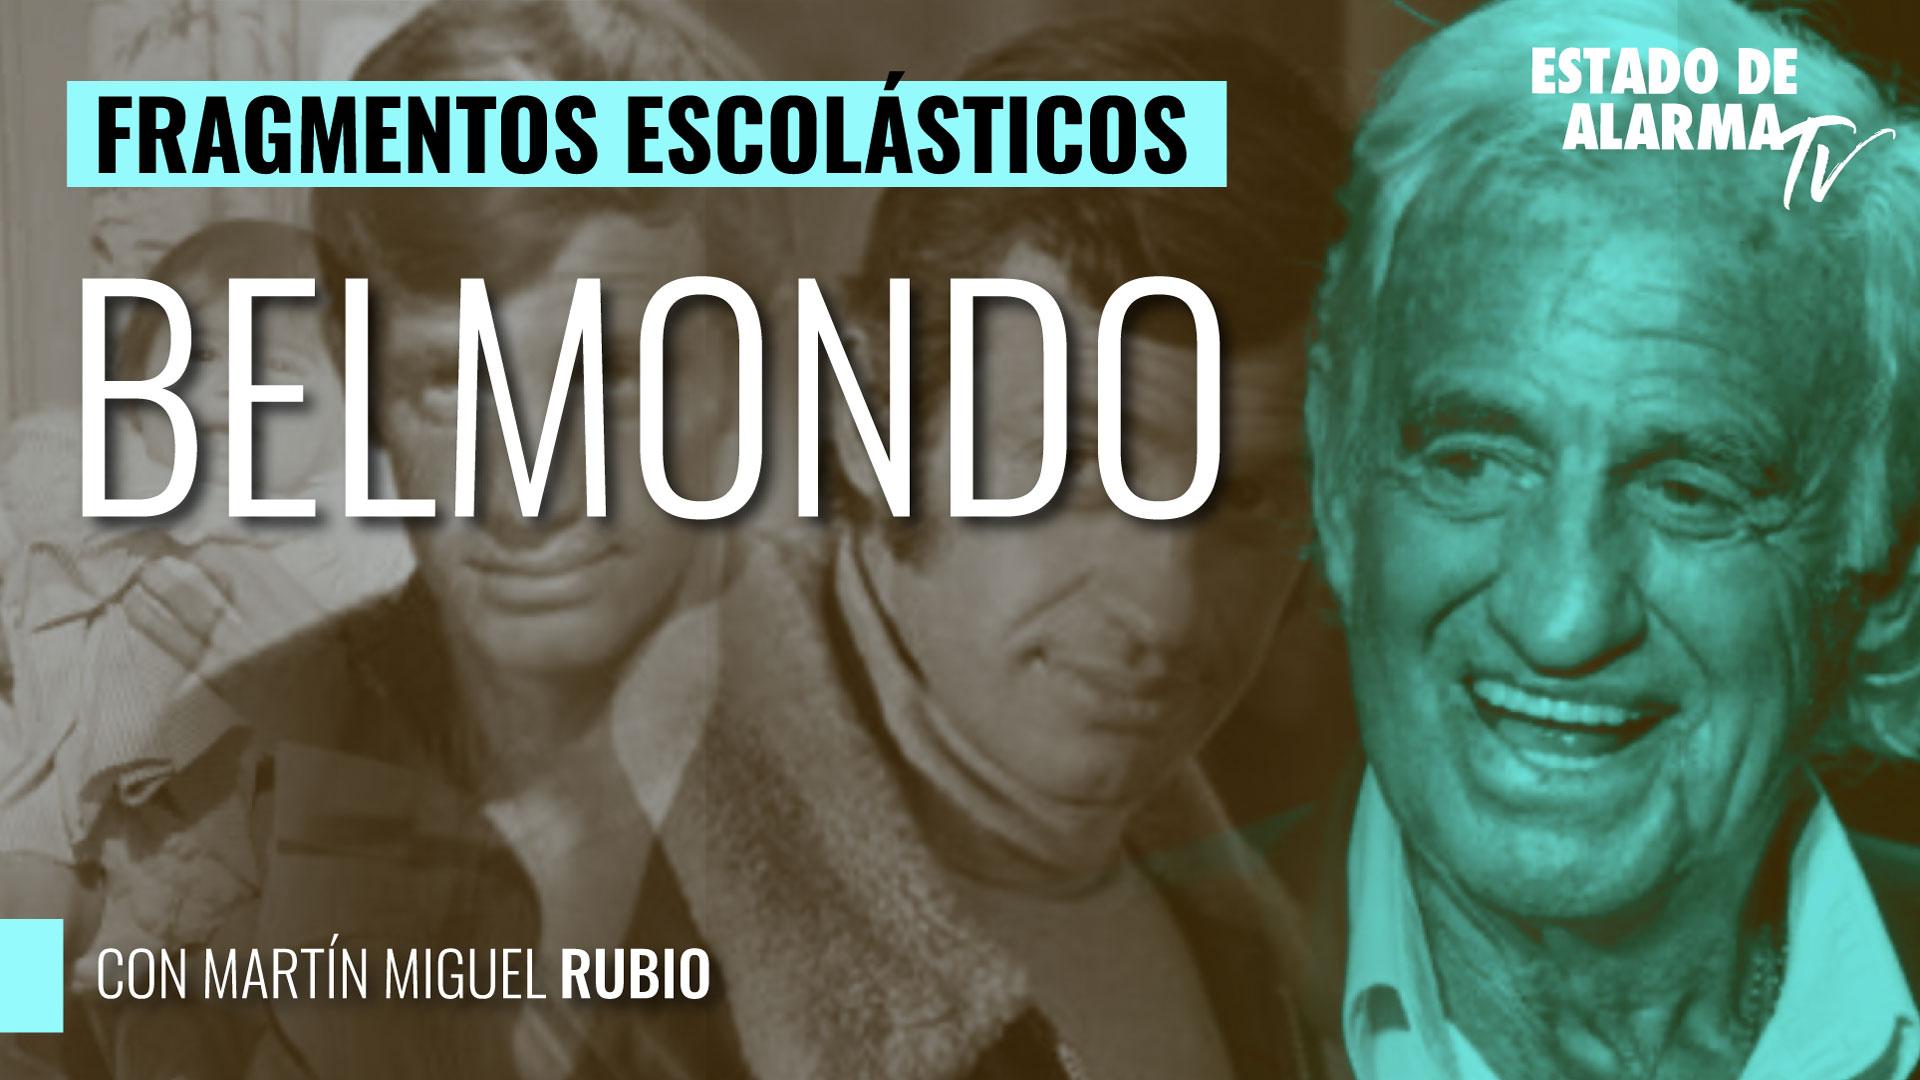 Imagen del video: Belmondo; Fragmentos Escolásticos con Martín Miguel Rubio